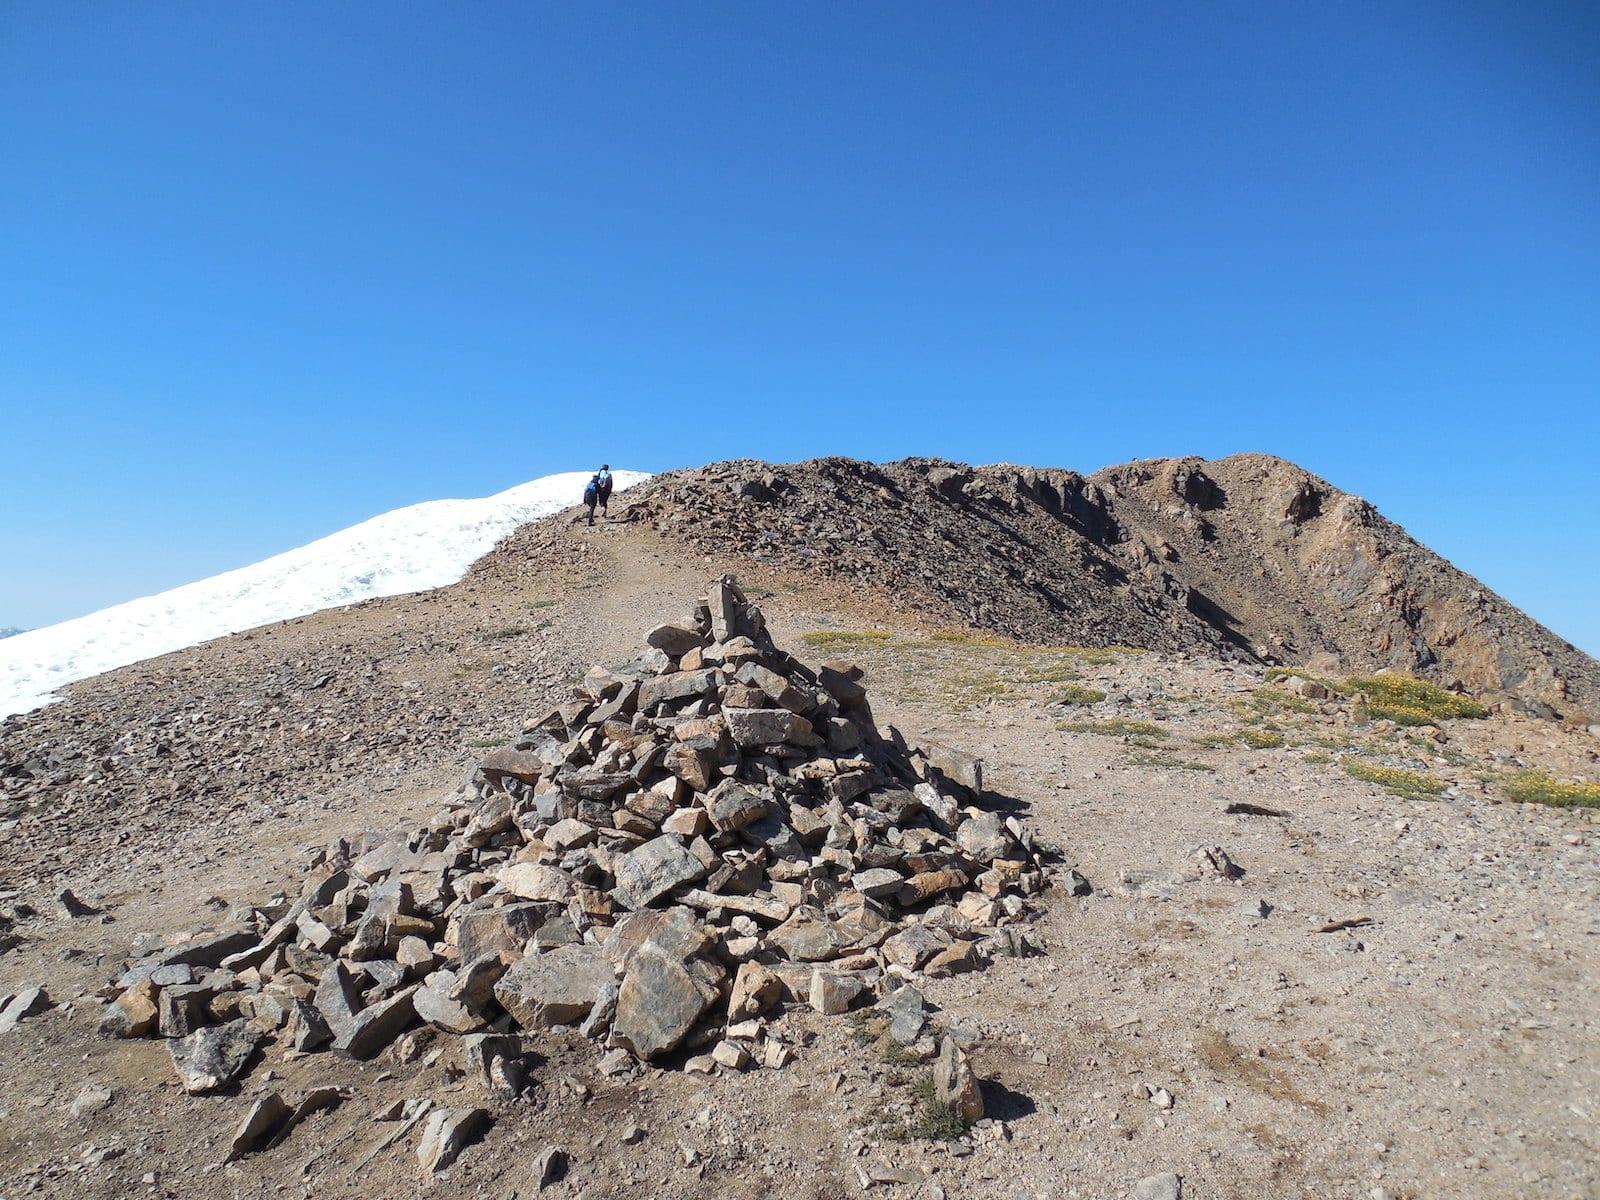 Persimpangan Jalur Pendakian Gunung Elbert Colorado